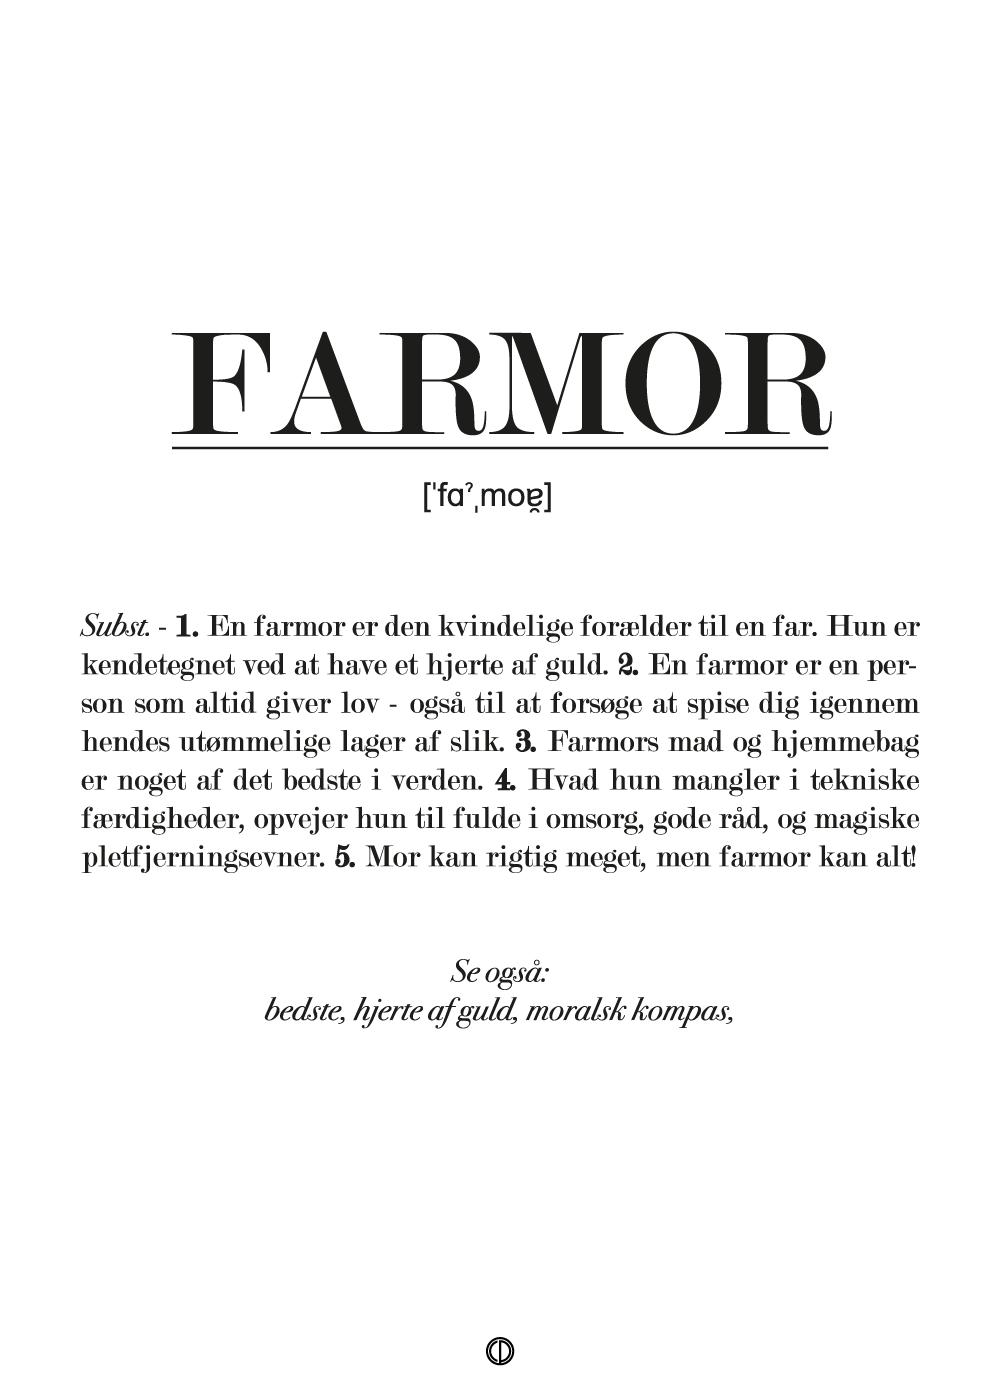 Billede af Farmor definition - plakat